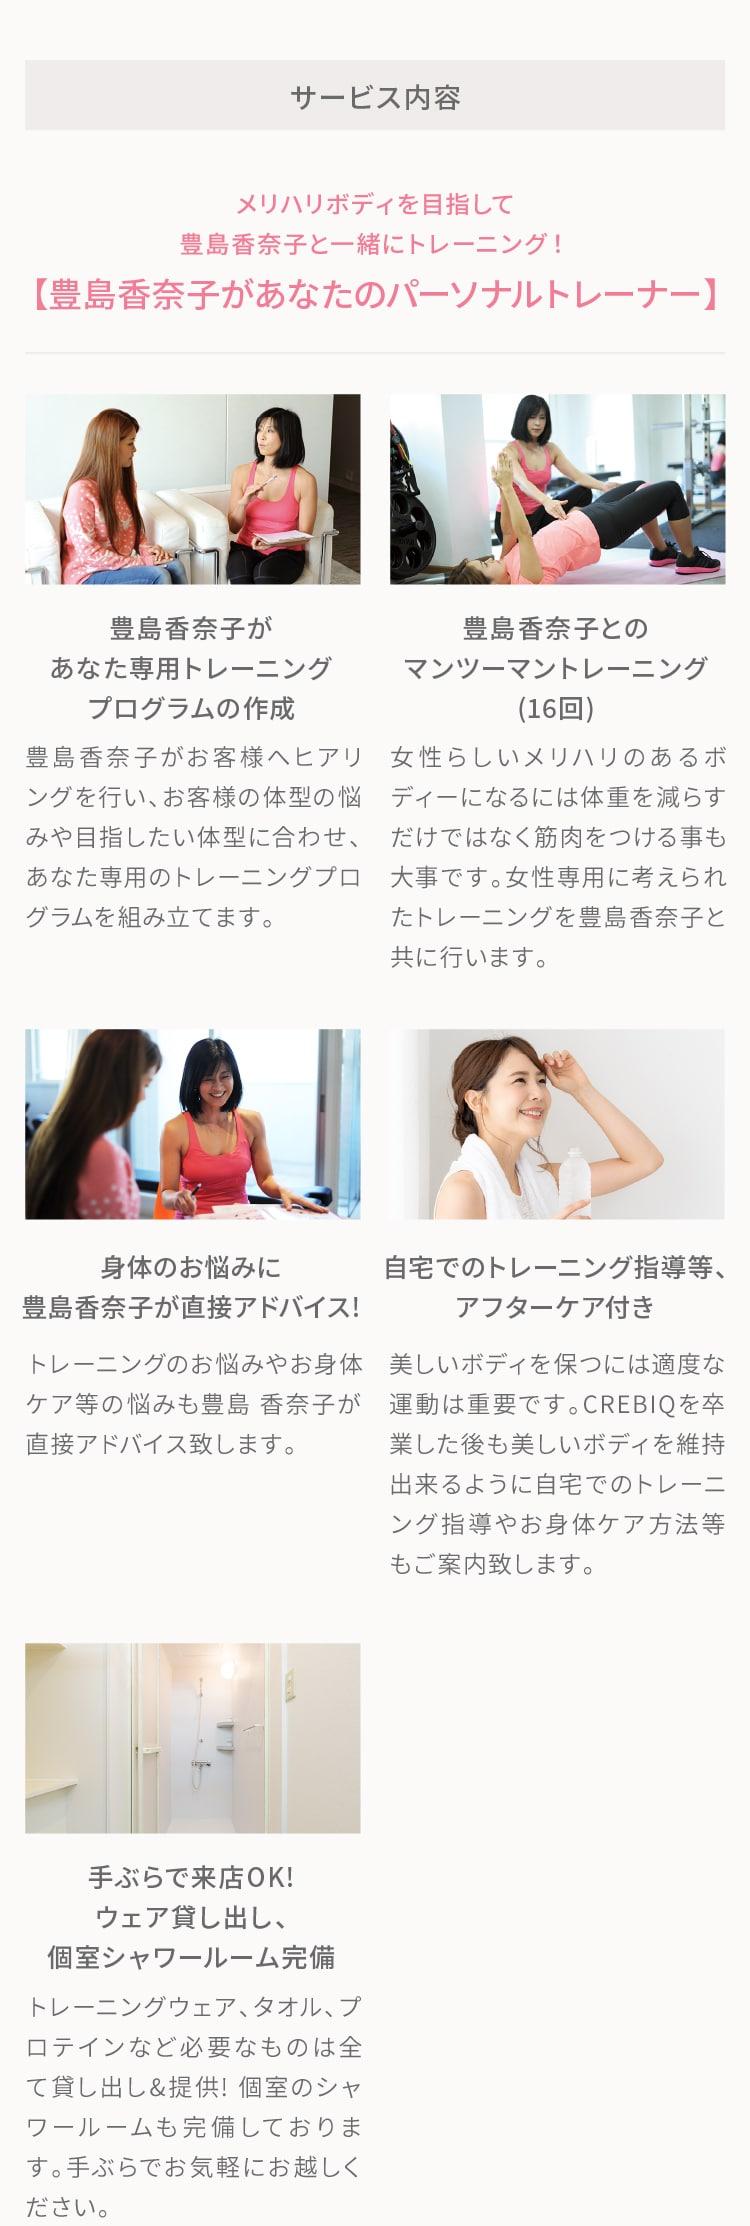 メリハリボディを目指して 豊島香奈子と一緒にトレーニング!